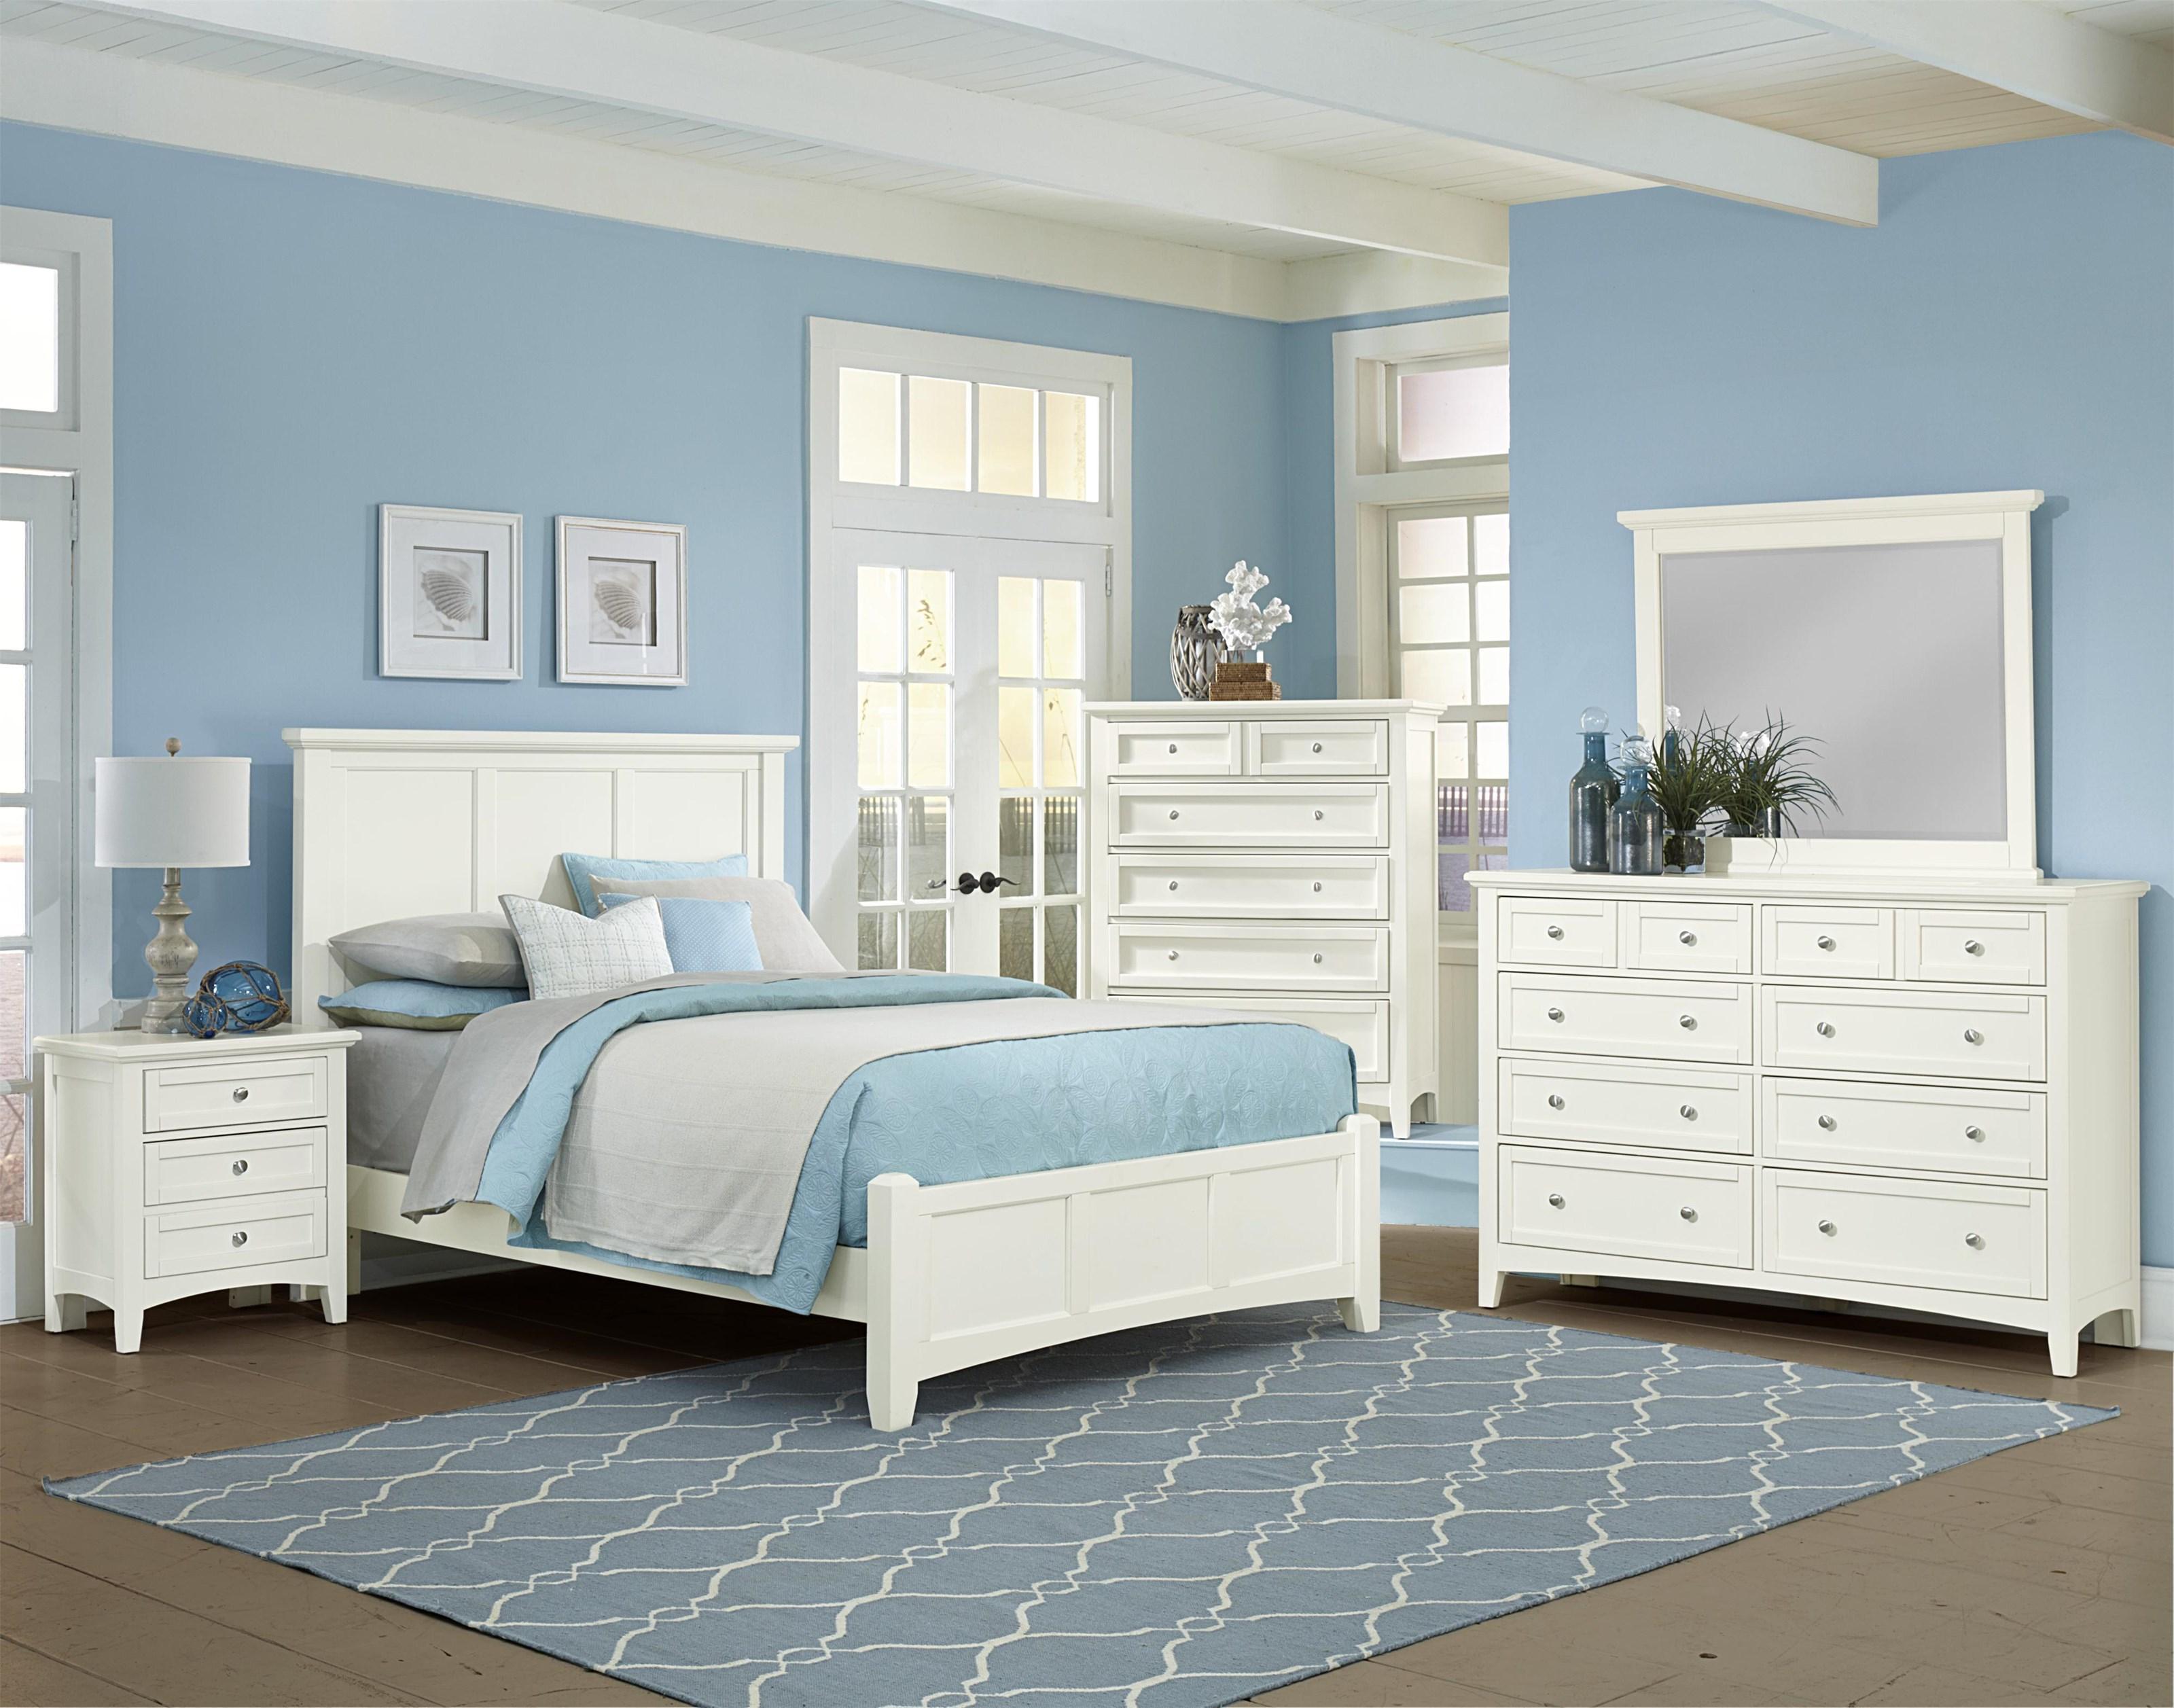 King Mansion Bed,Dresser,Mirror,Nightsta